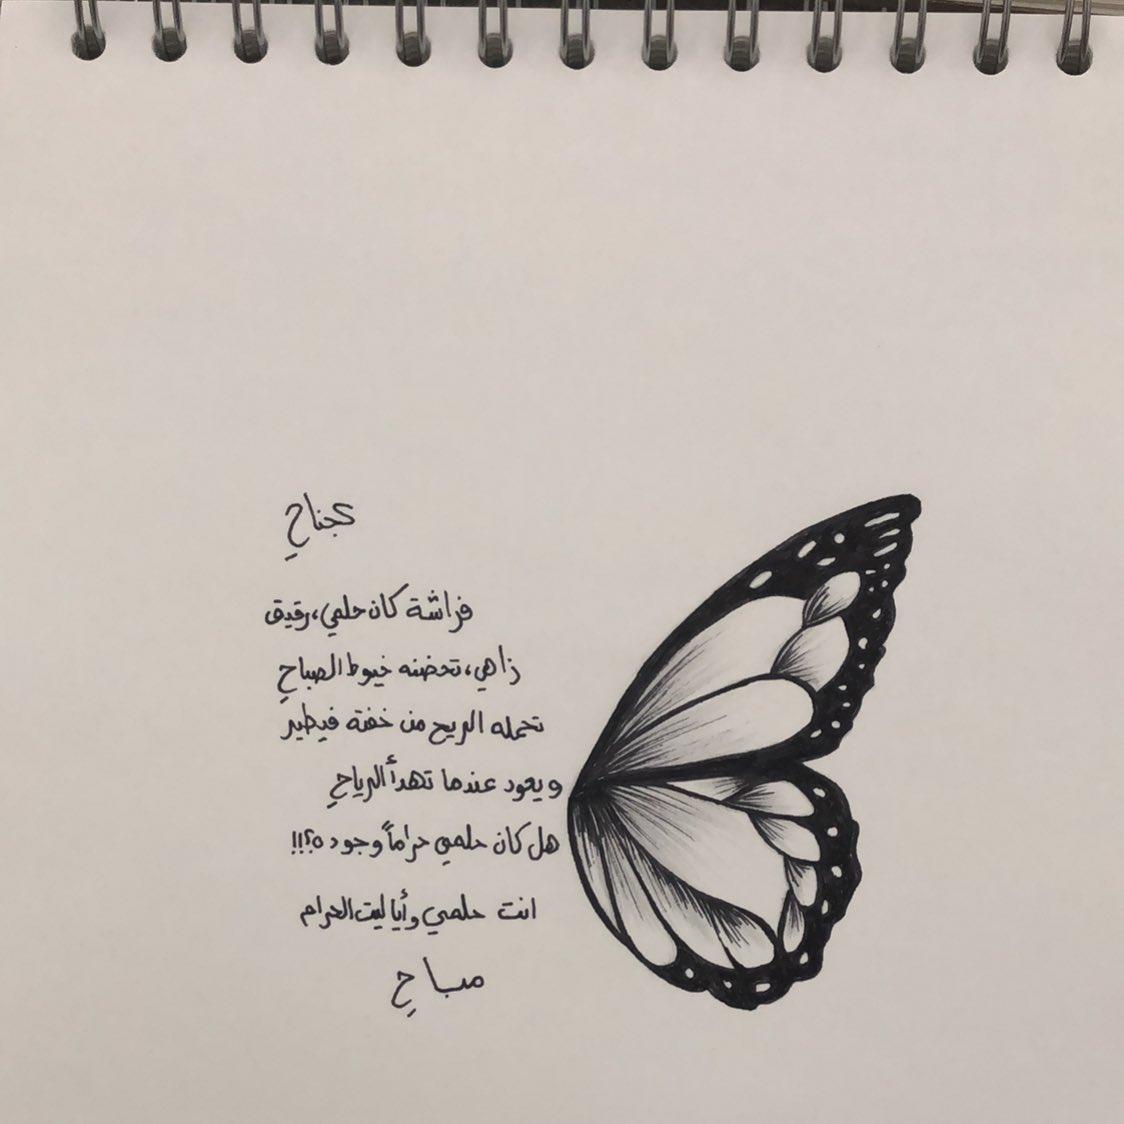 خطي يمشي حاله  My sketchbook pic.twitter.com/CR5yVv0TuR